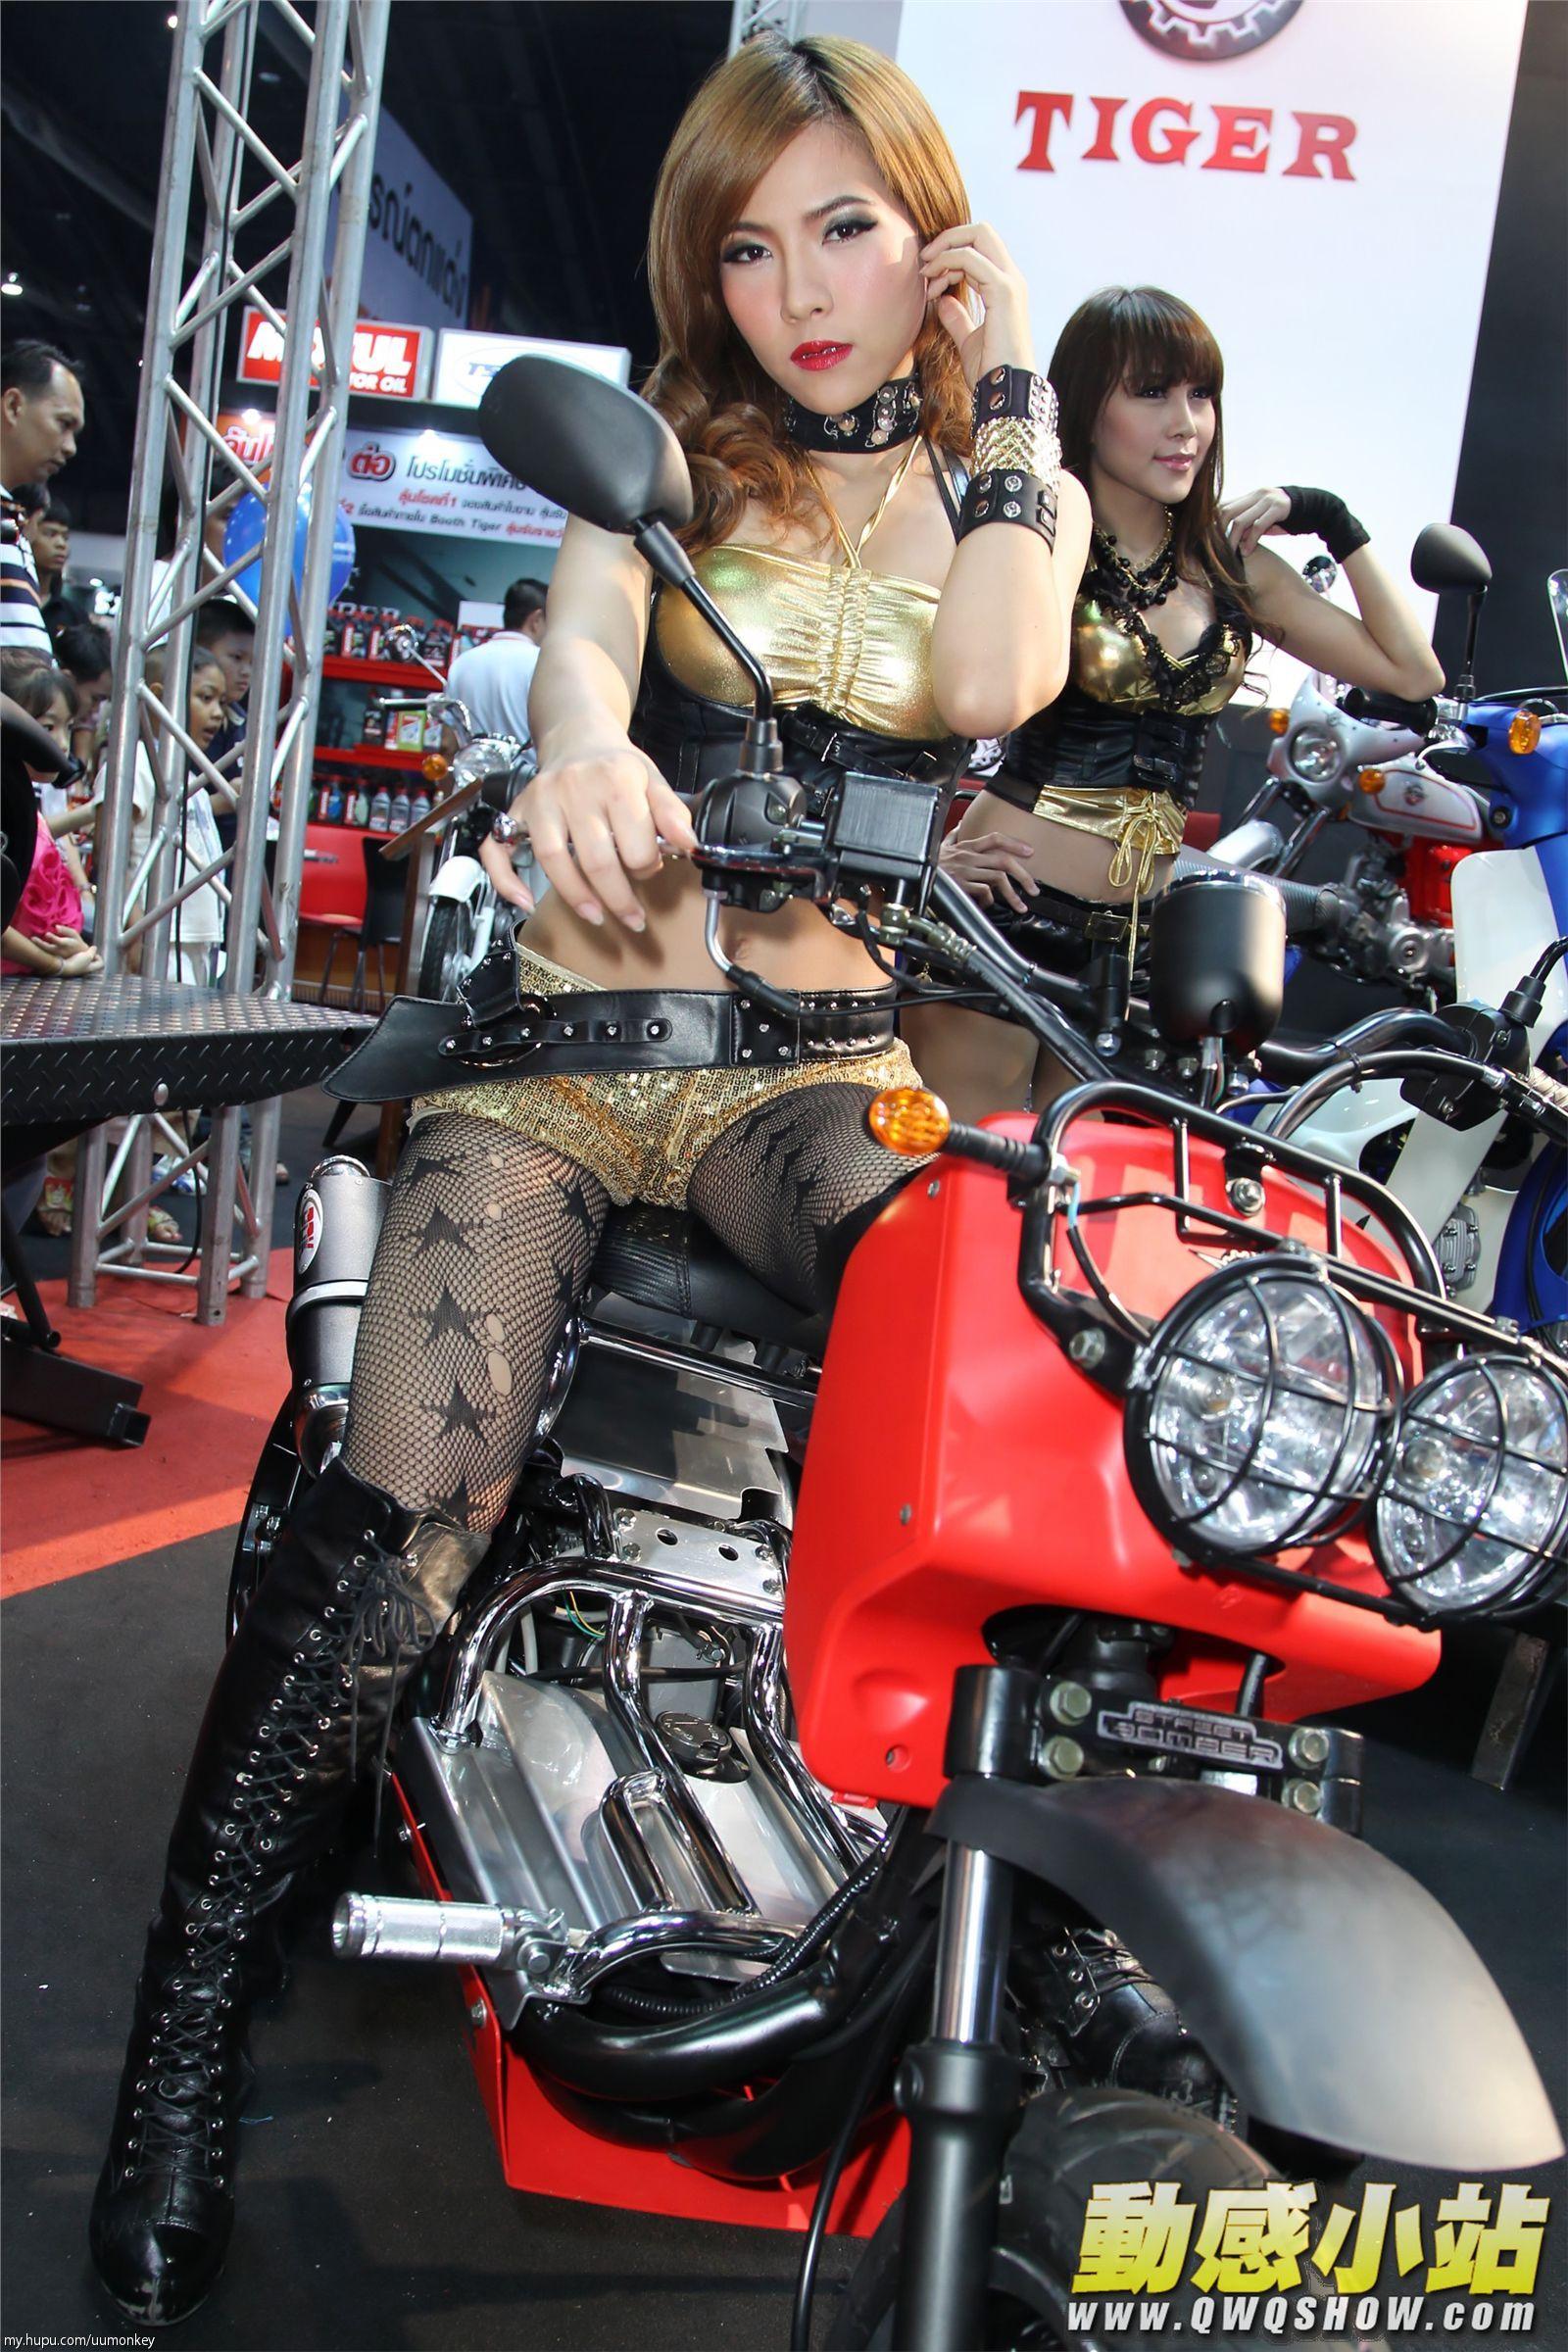 摩托车上的黑色高跟长靴美女